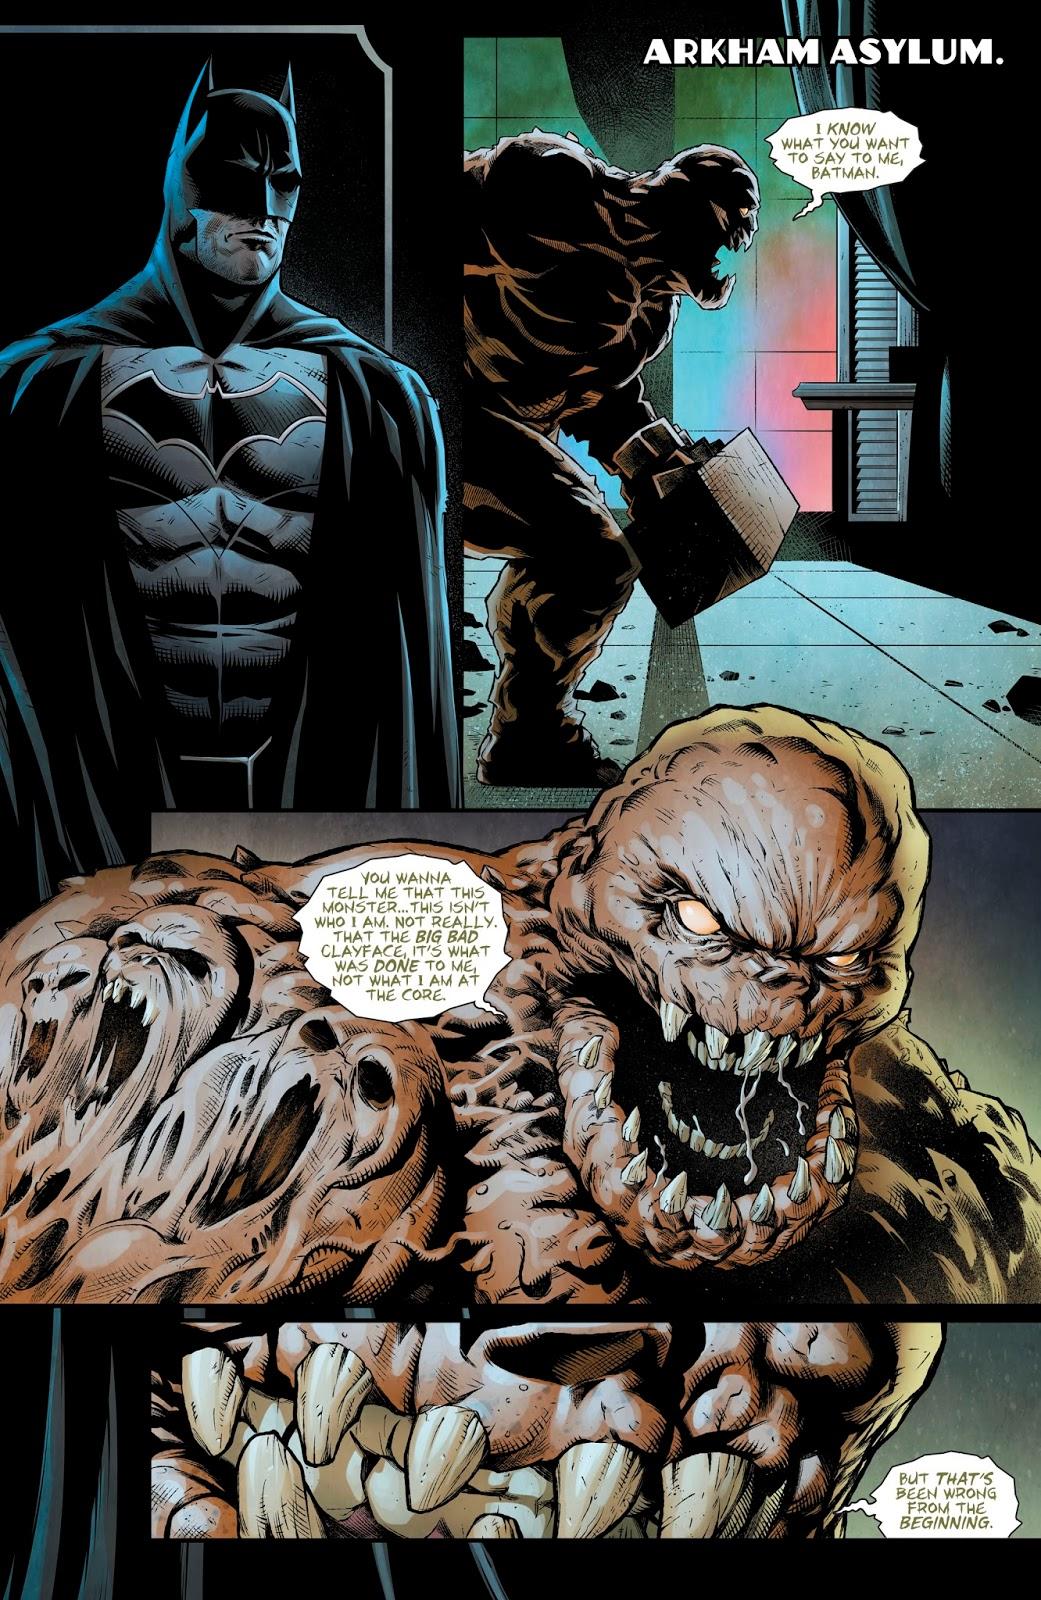 Batman VS Clayface (Detective Comics #972) ...